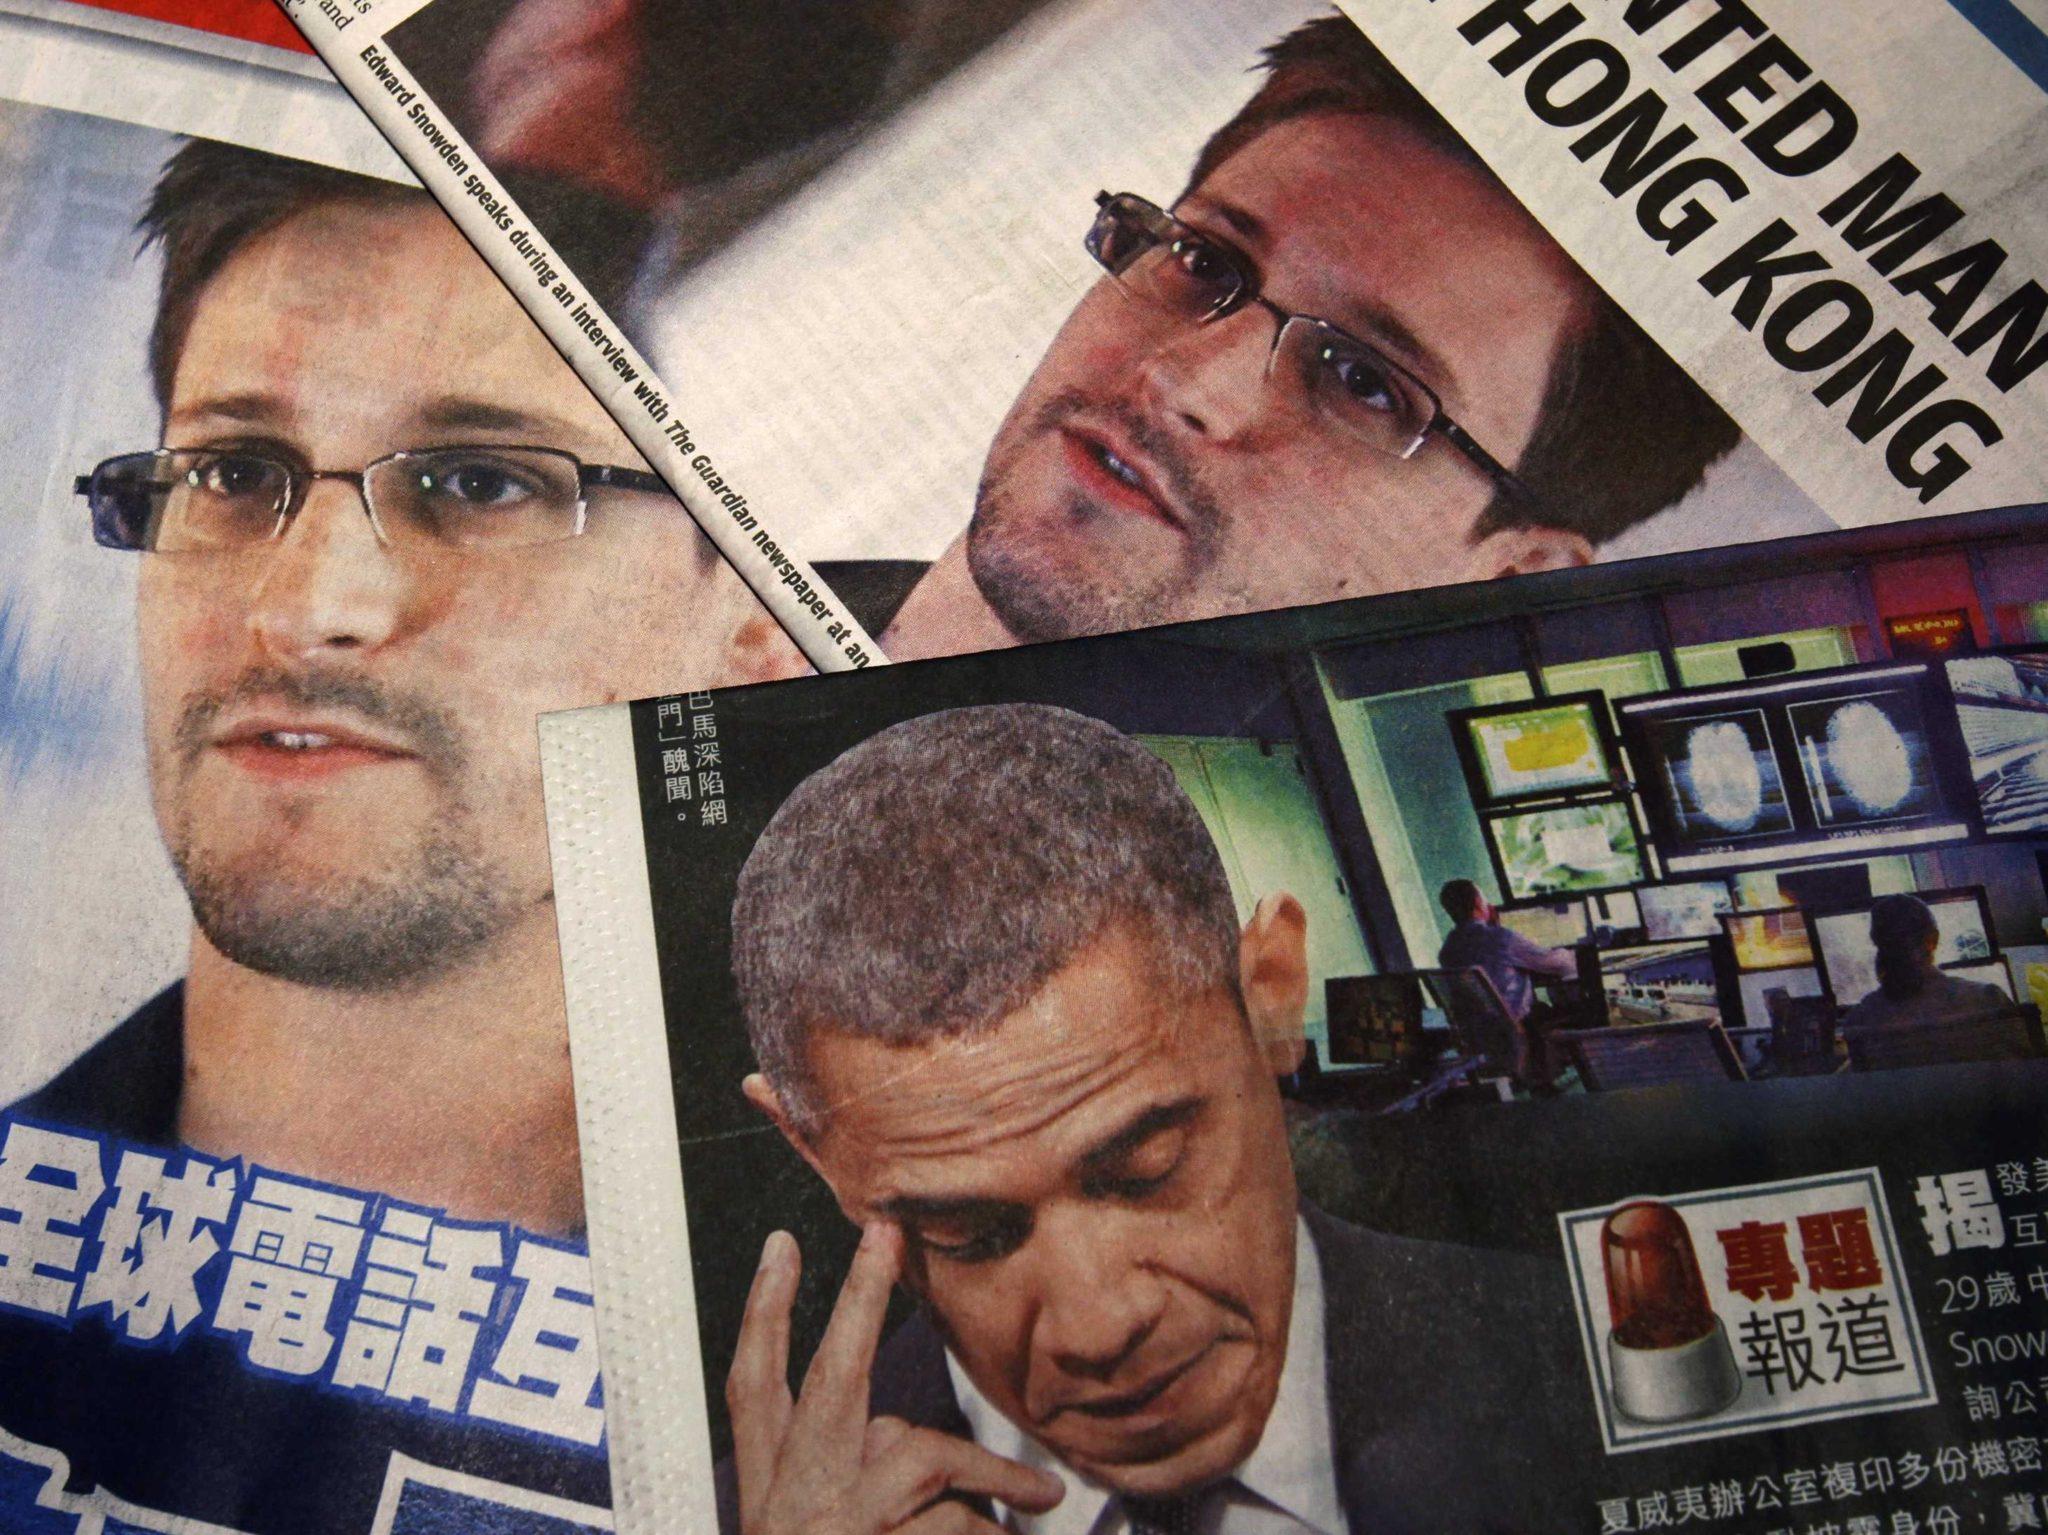 La Estructura del Corrupto Orden Mundial al Descubierto